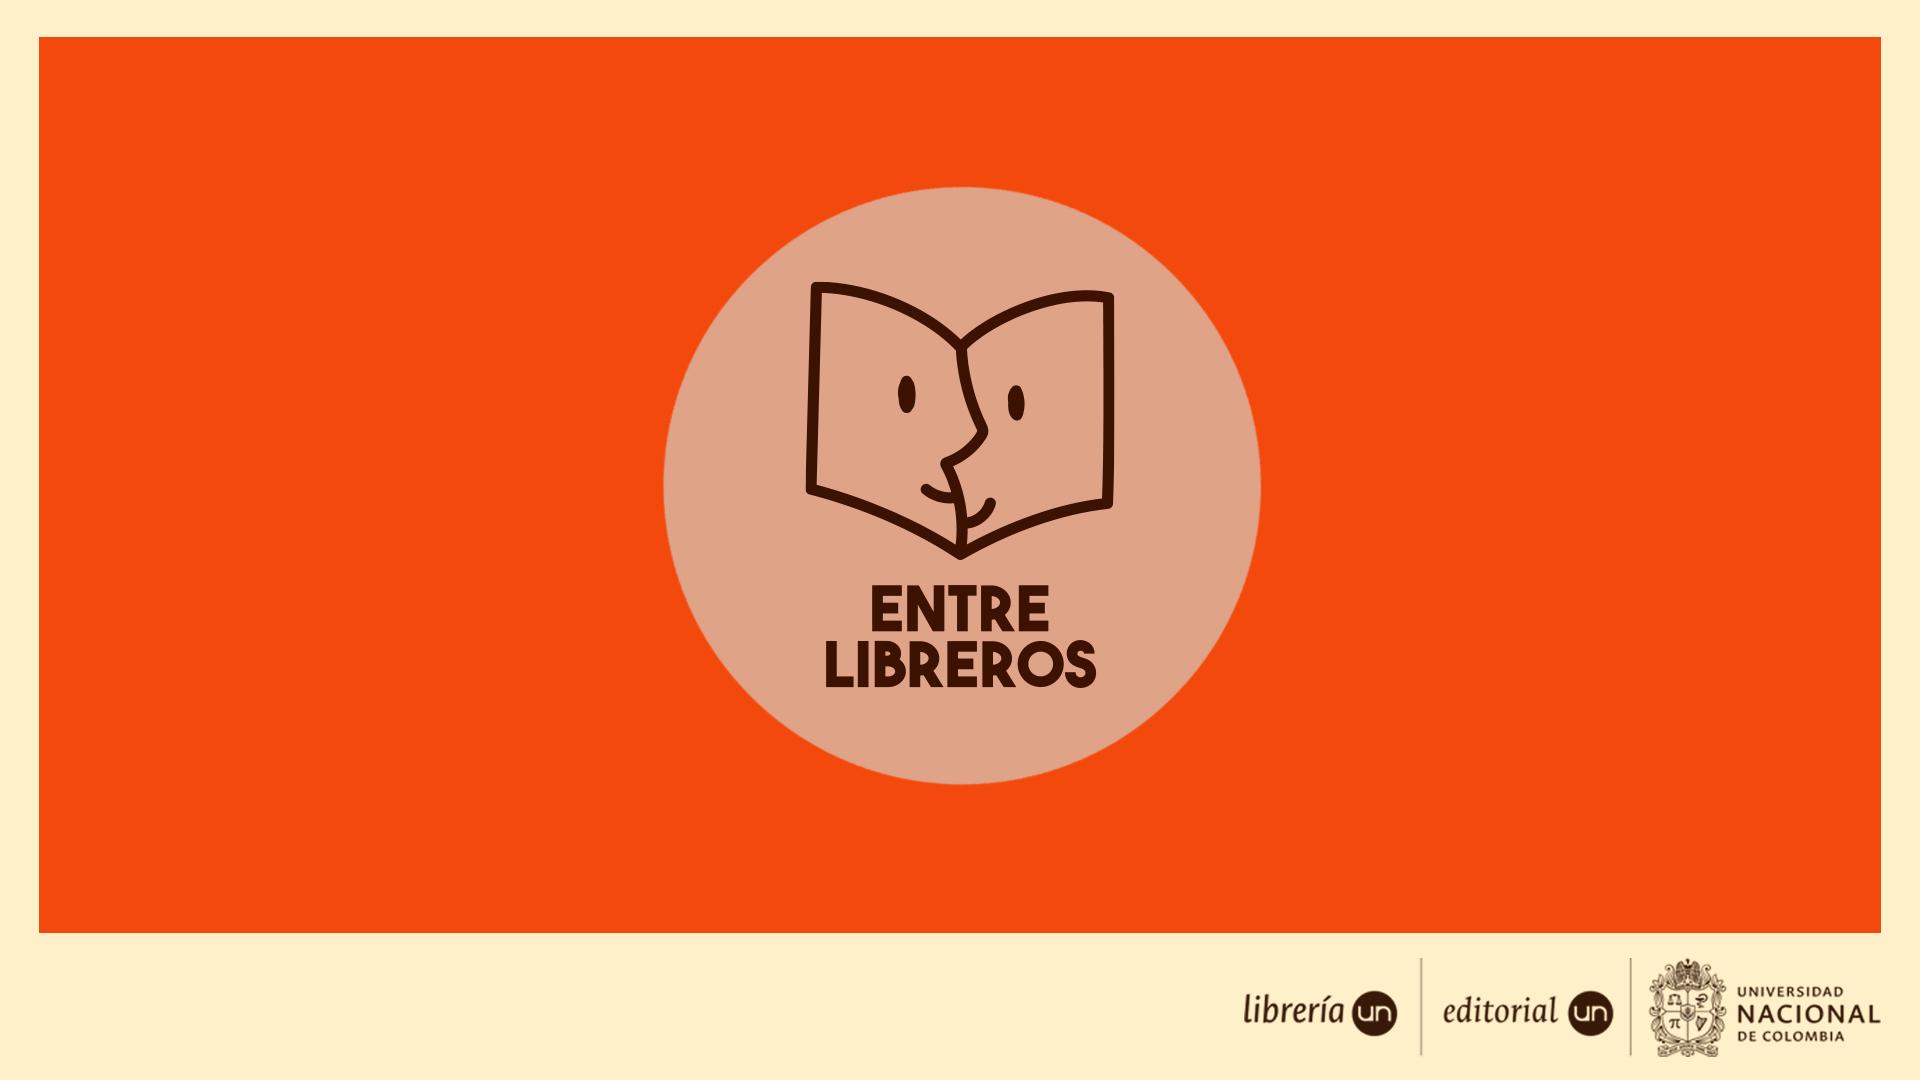 #EntreLibrerosUNAL